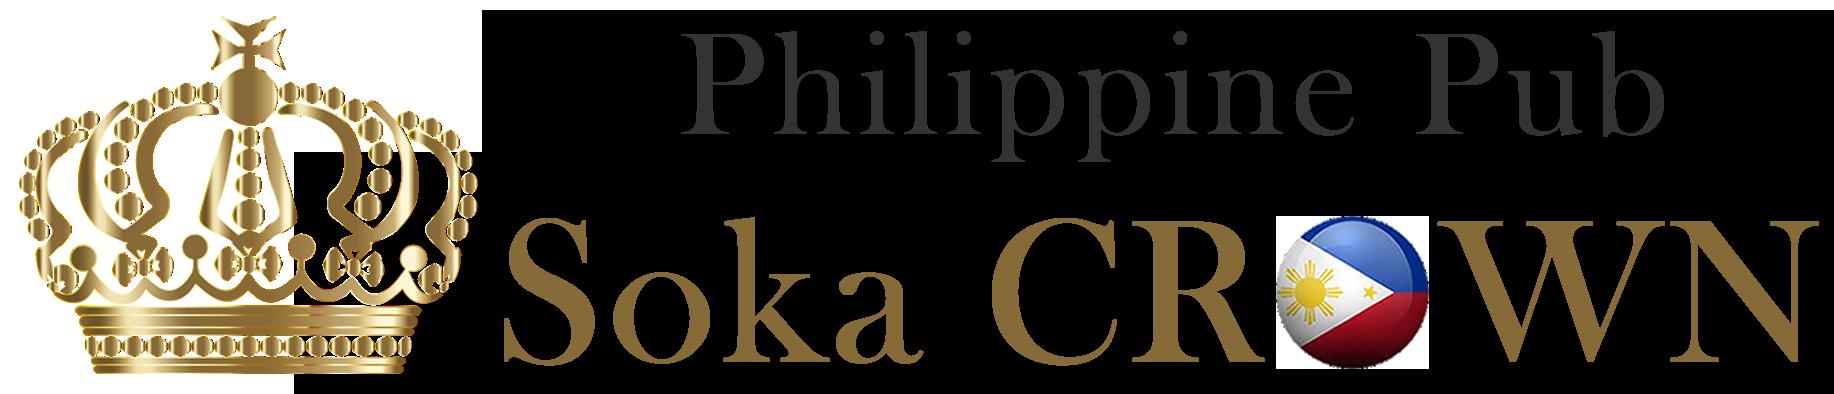 フィリピンパブ 草加ニュークラウン | Philippine Pub Soka New CROWN